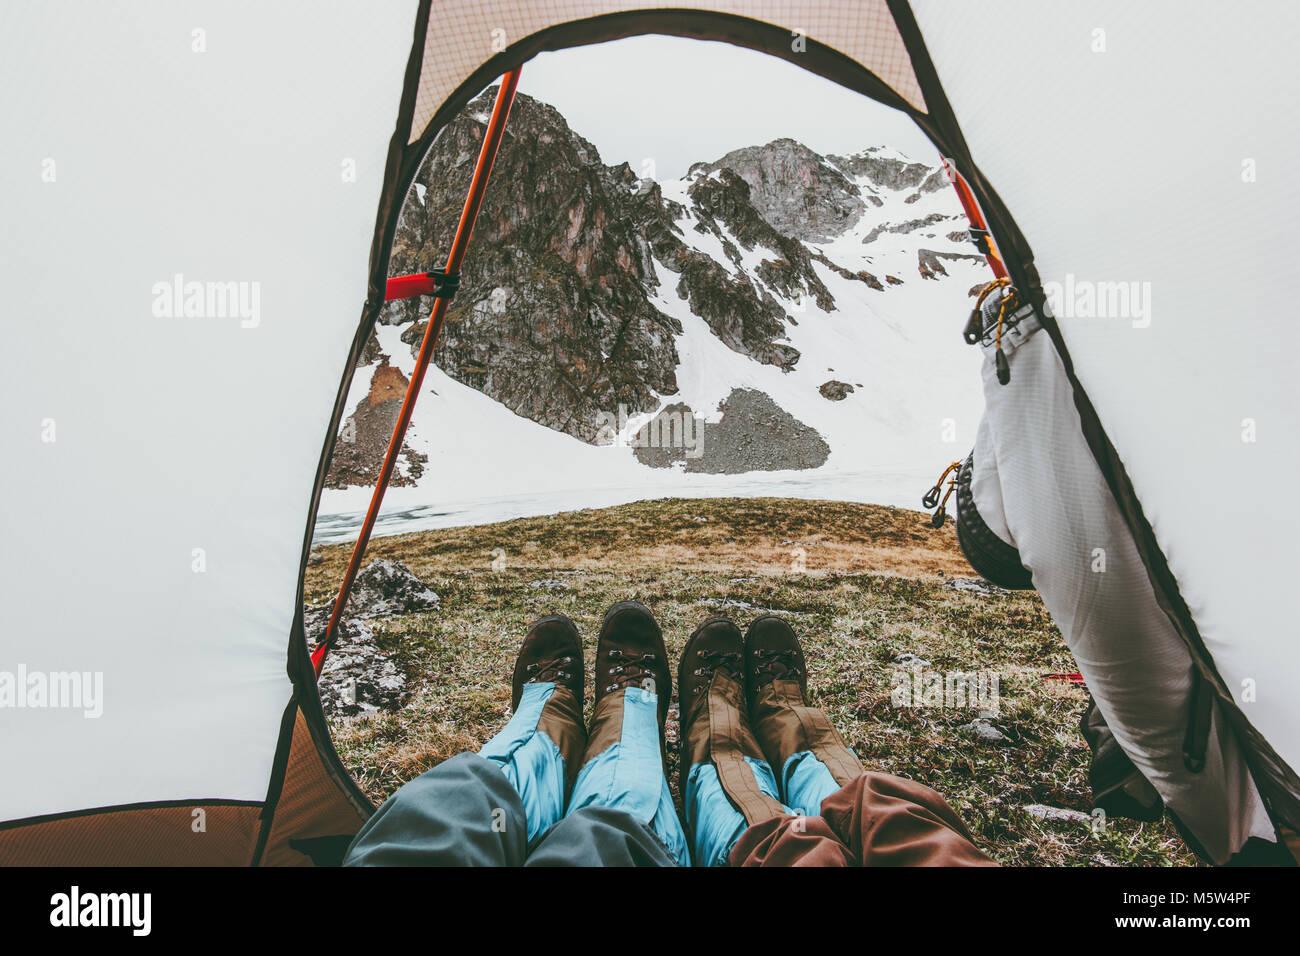 Reisen Paar Füße Berge Blick vom Zelt Camping Eingang Lifestyle-konzept Abenteuer Ferien im Freien Stockbild